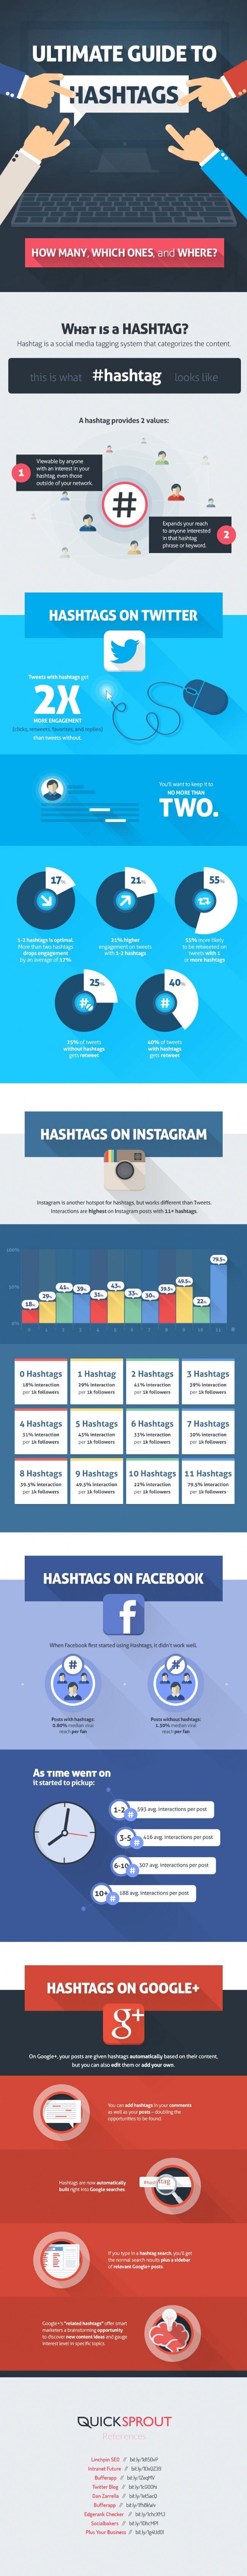 Comment bien utiliser le hashtag sur les réseaux sociaux